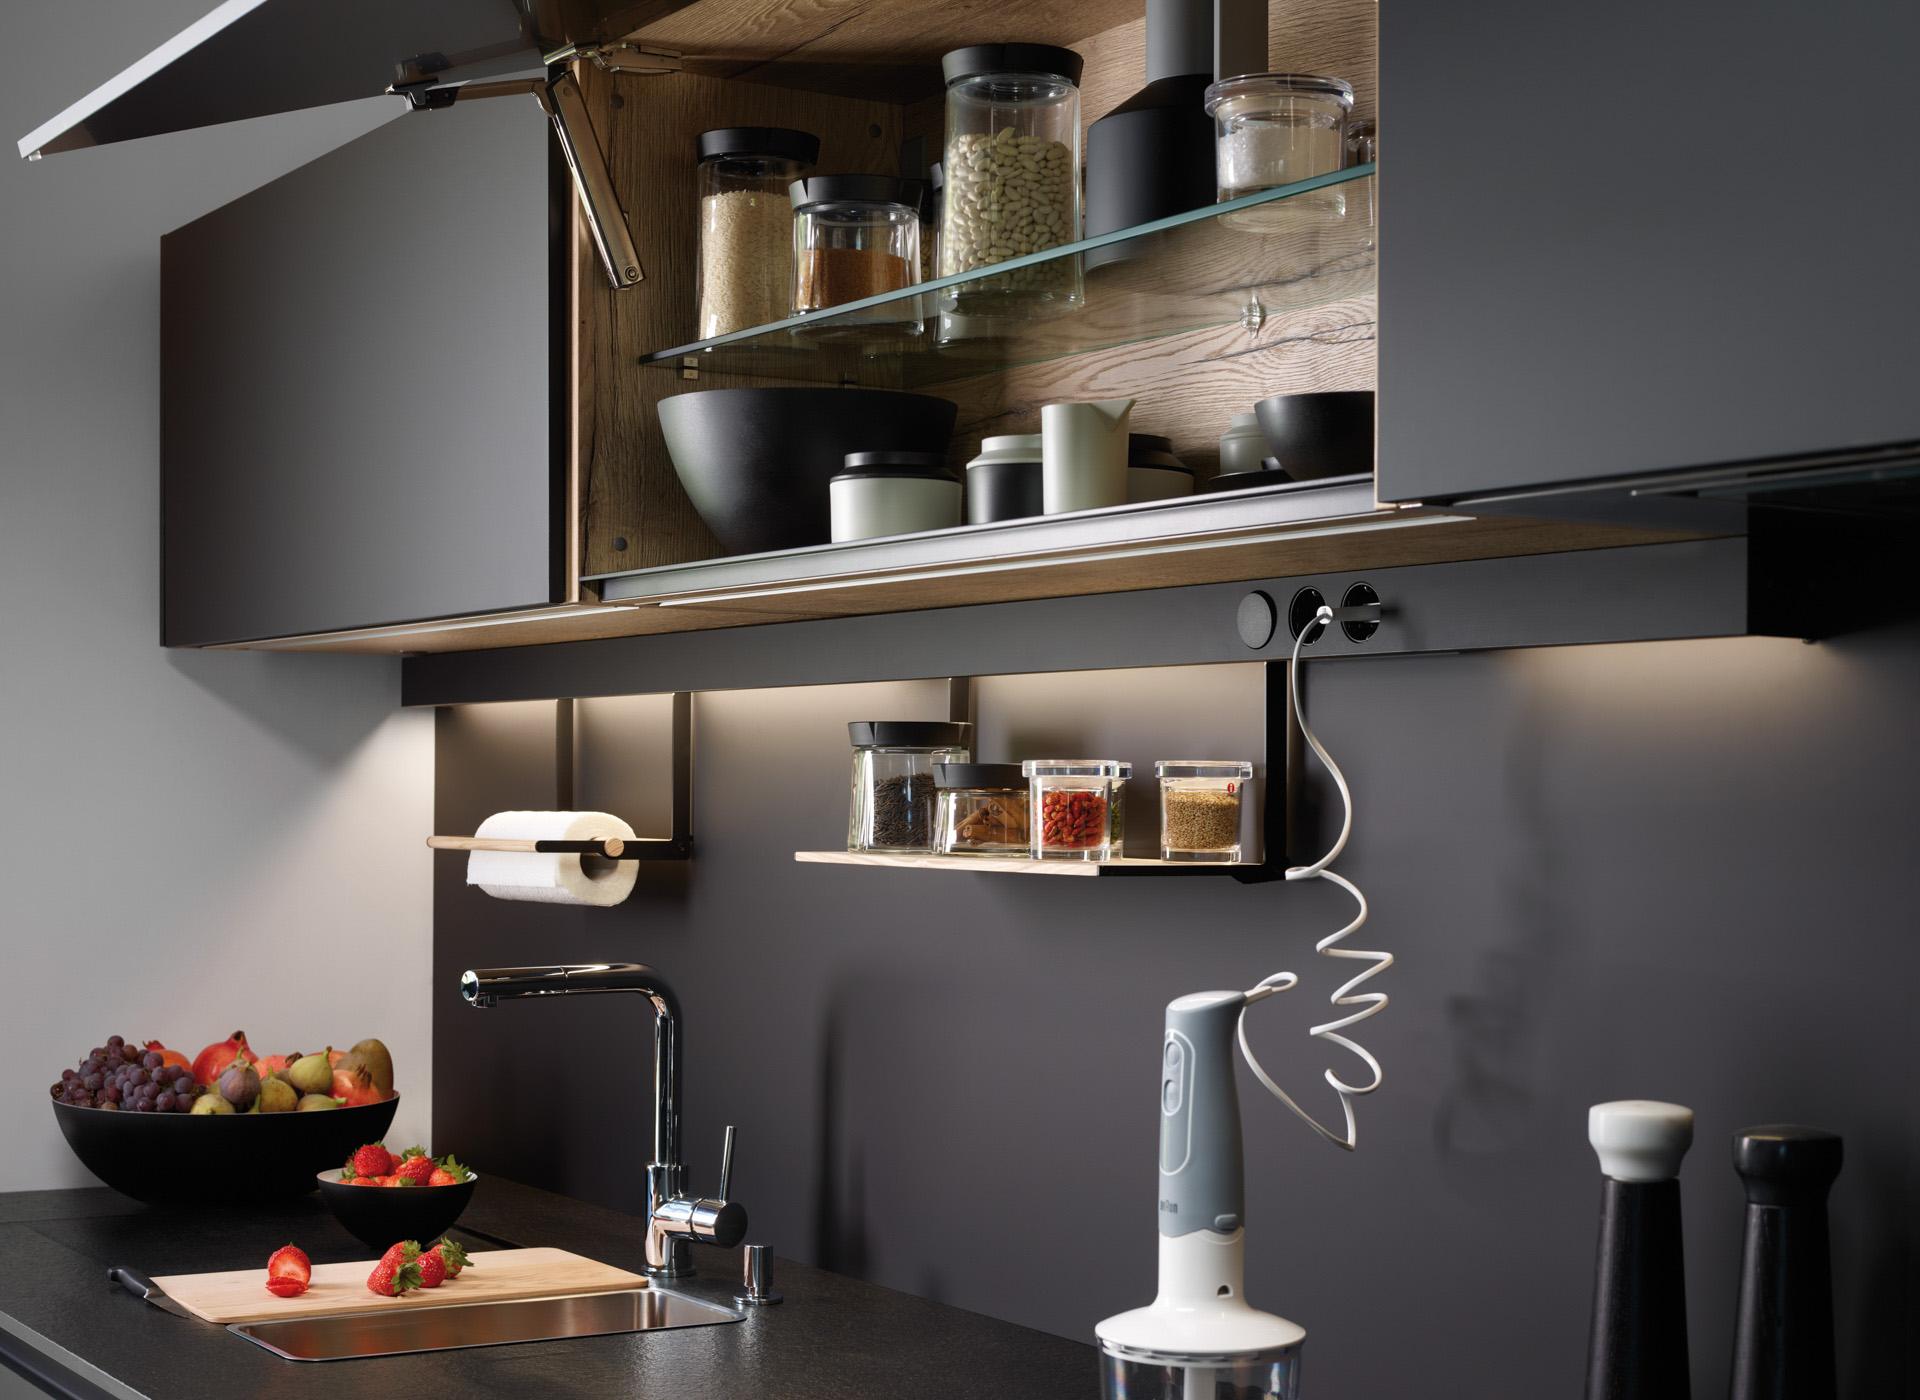 Iluminación led en armarios altos en cocinas en paralelo